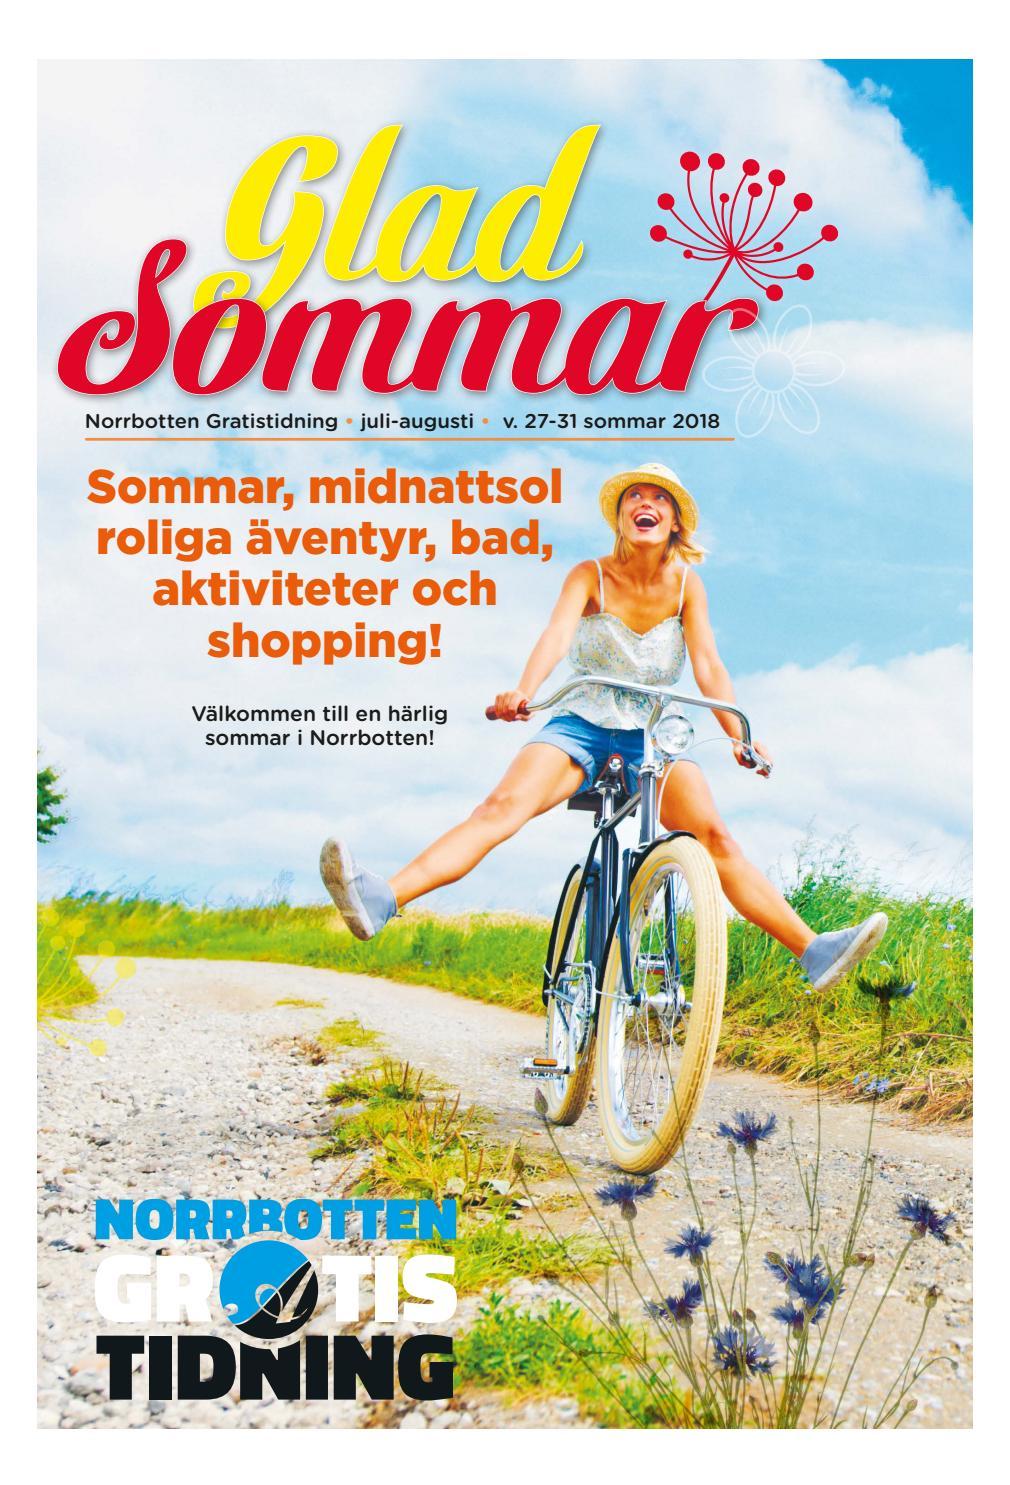 Glad Sommar Norrbotten by Svenska Civildatalogerna AB issuu